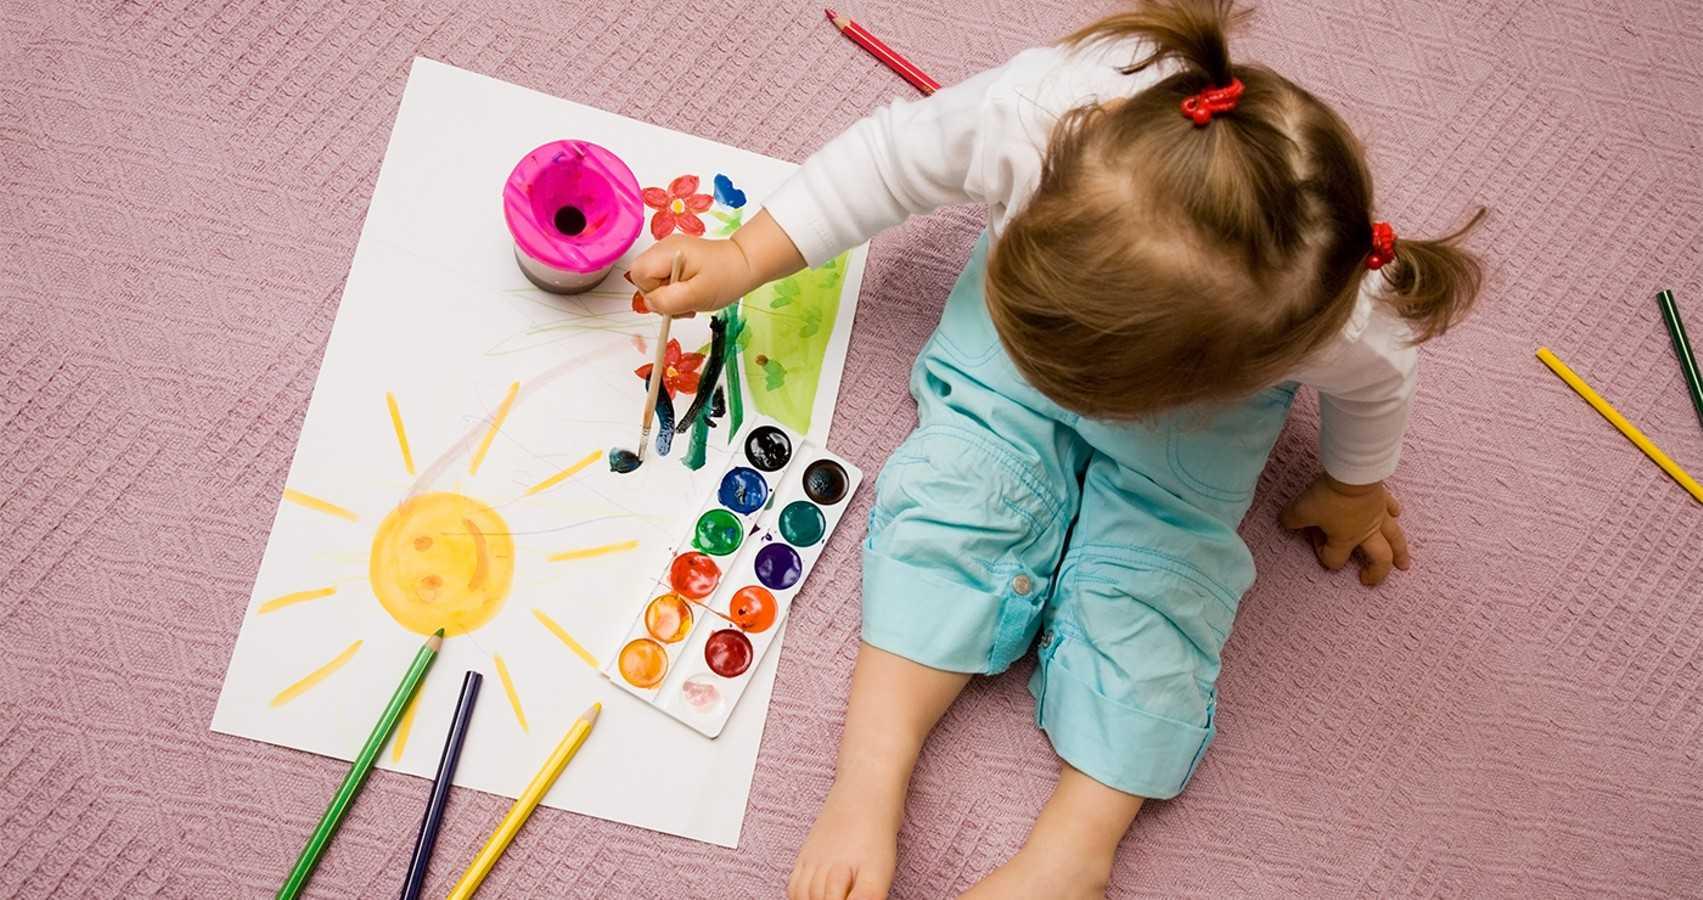 Как научить ребенка рано говорить: 2 успешные методики для развития речи. ребенок до года (личный опыт)